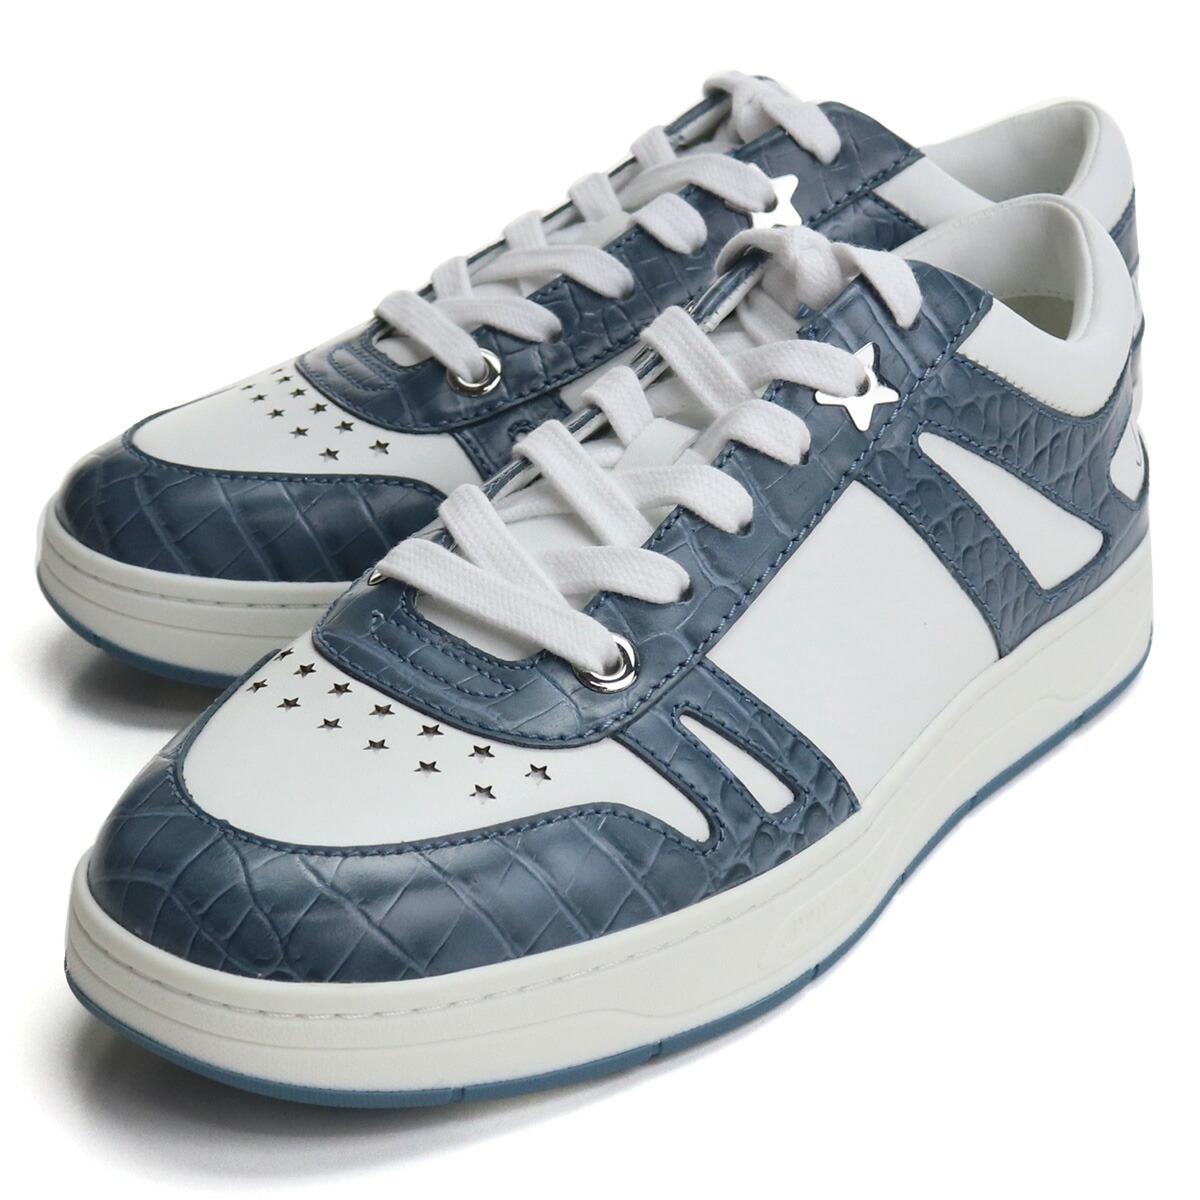 ジミーチュウ JIMMY CHOO  メンズスニーカー ブランドスニーカー  HAWAII/M OXA 214 V BUTTERFLY BLUE/WHI ホワイト系 ブルー系 bos-06 shoes-01